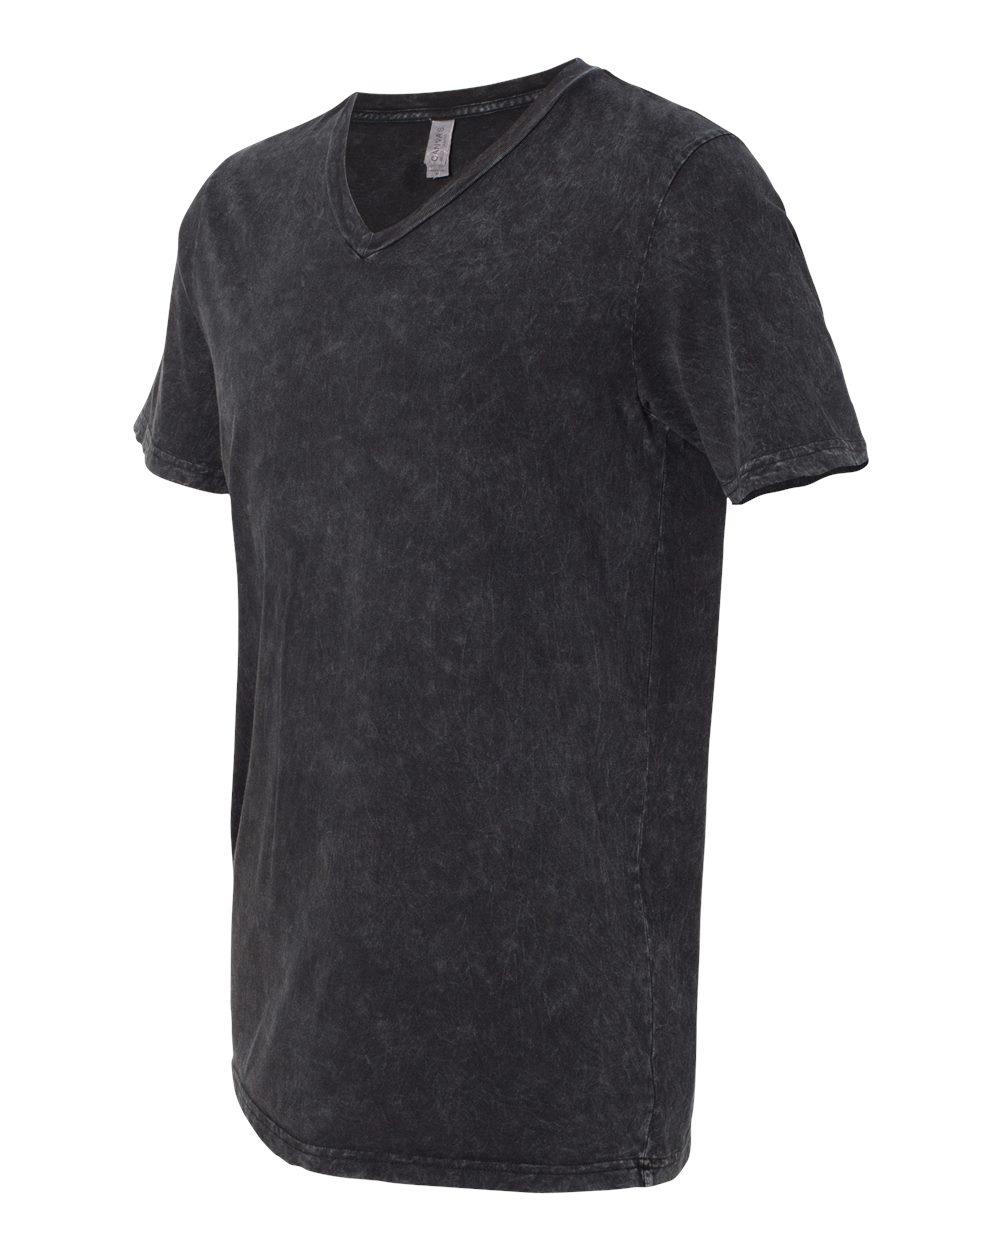 Bella-Canvas-Men-039-s-Jersey-Short-Sleeve-V-Neck-T-Shirt-3005-XS-3XL thumbnail 79